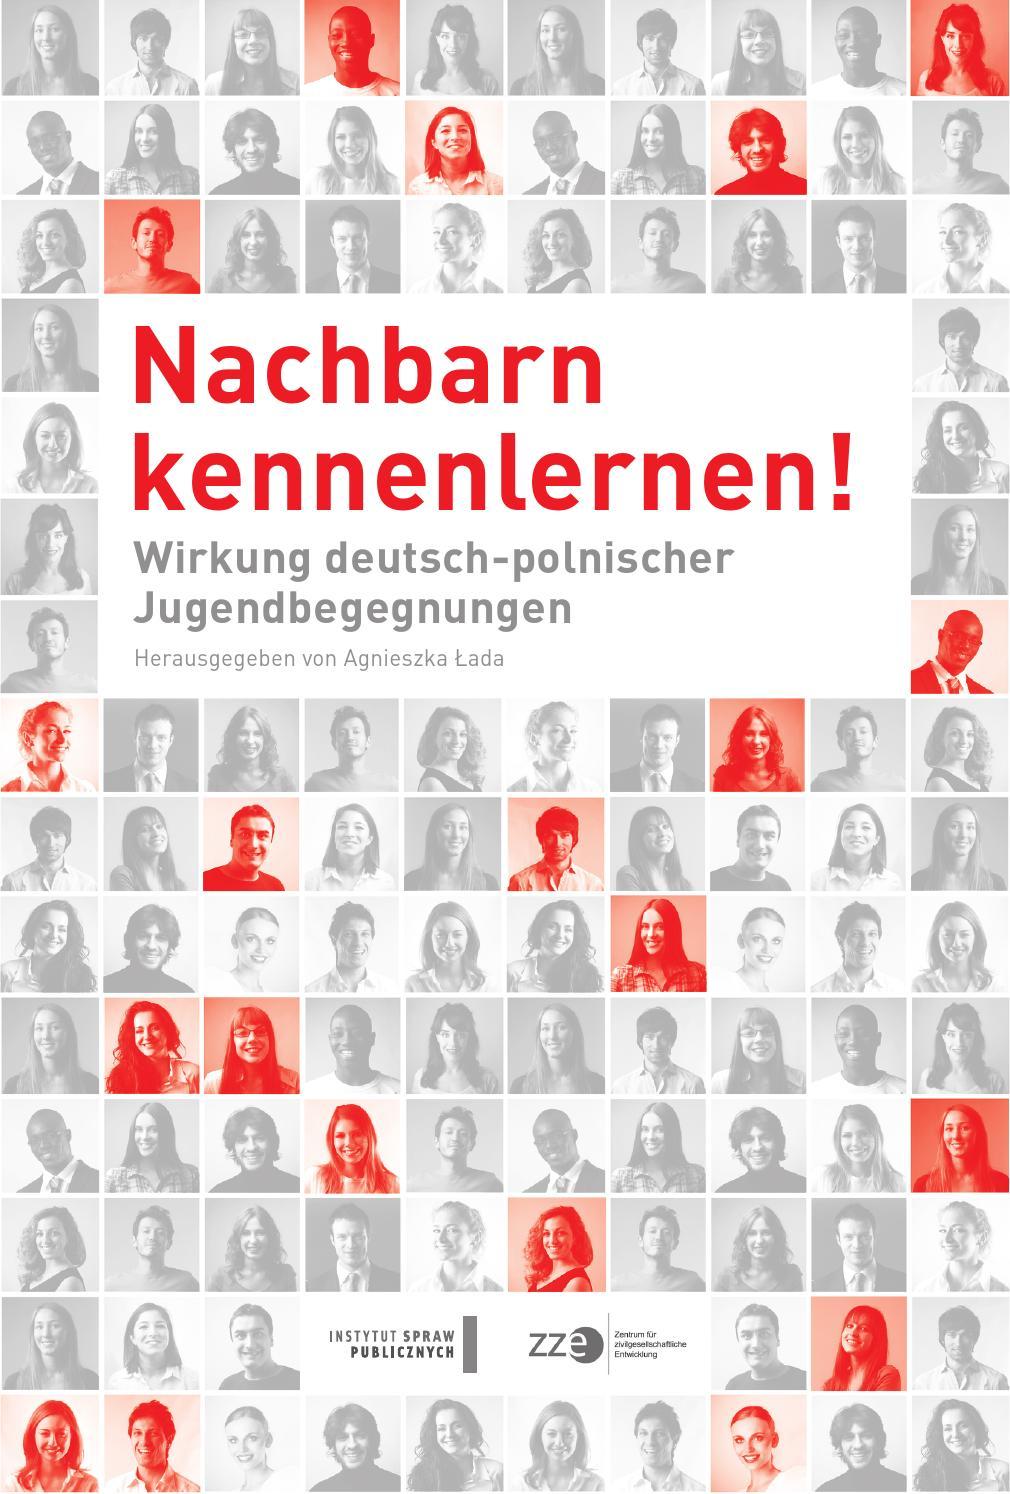 deutsch-polnisch kennenlernen